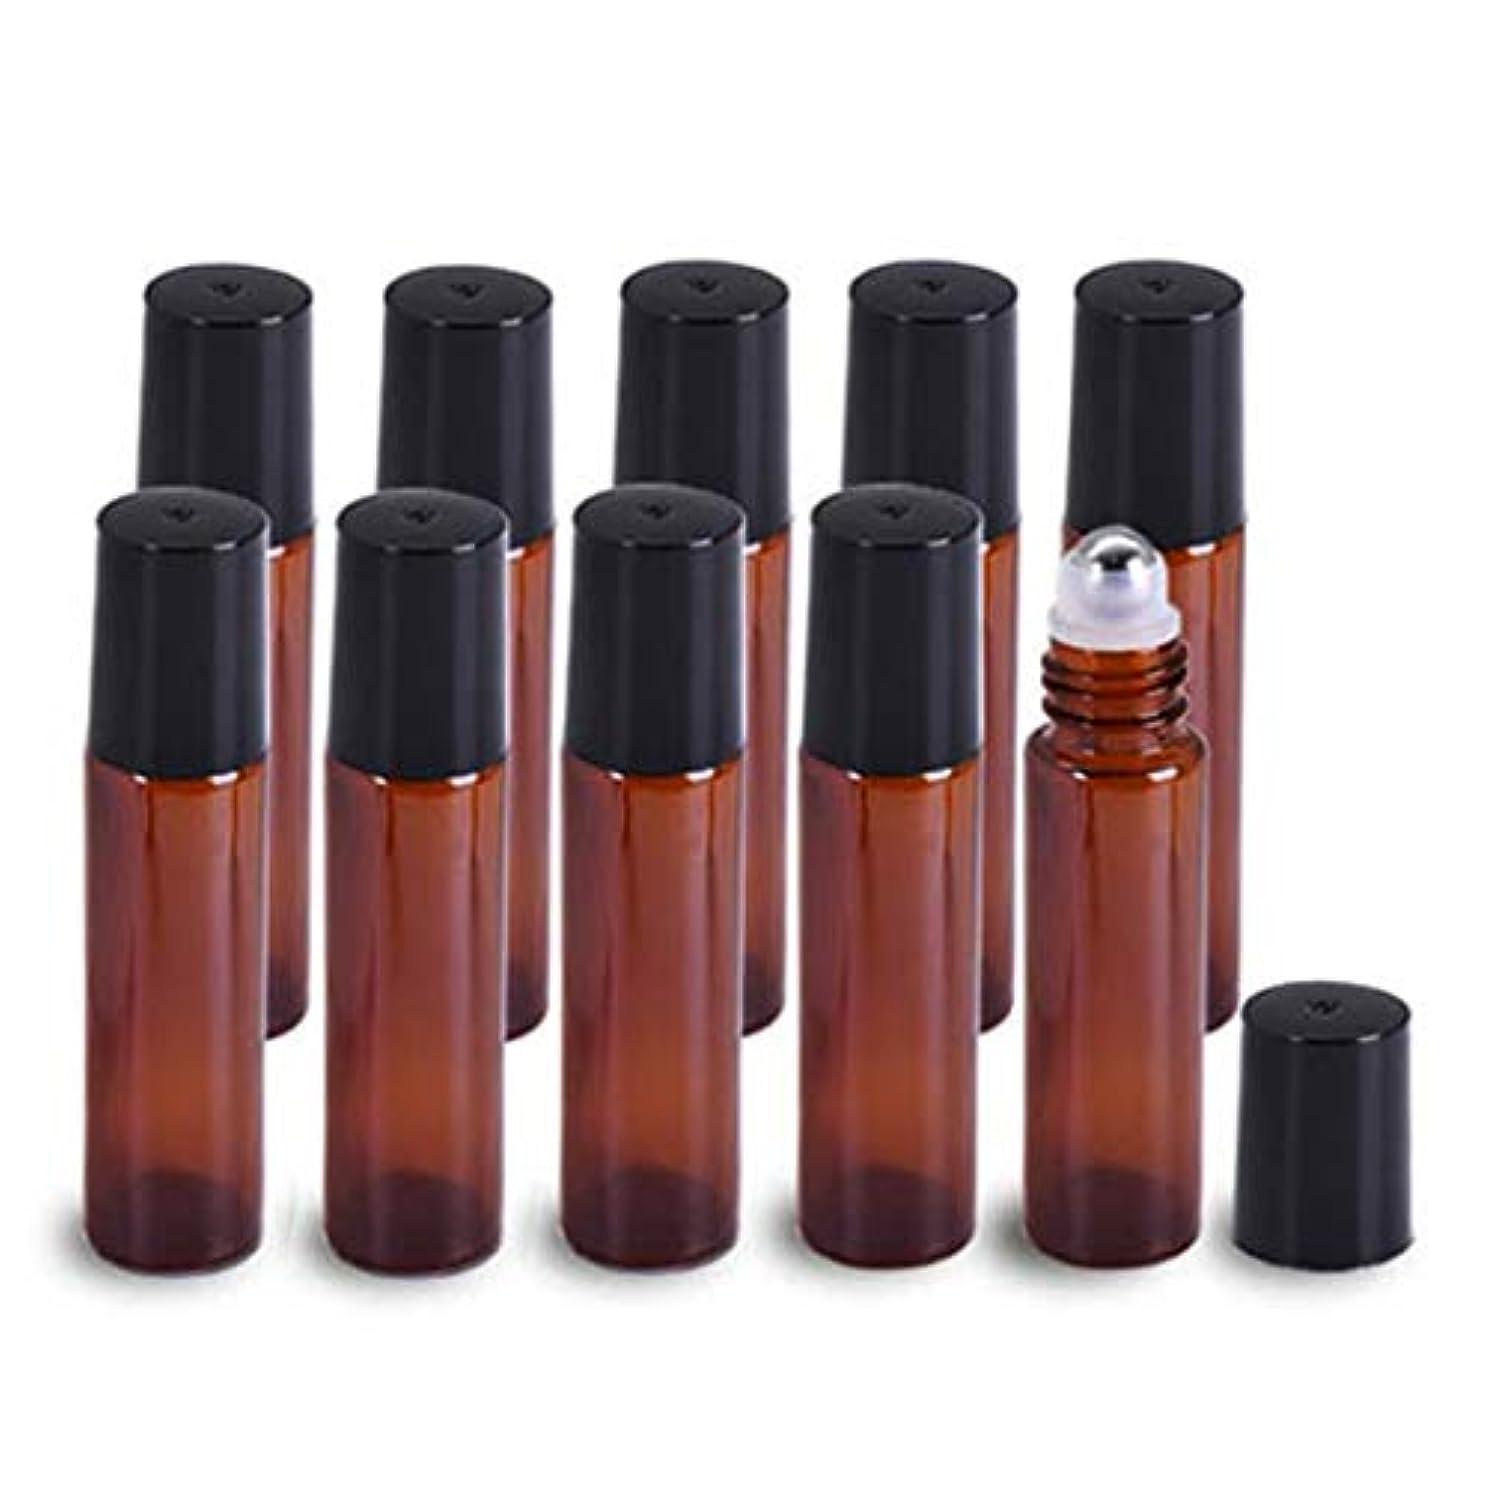 蜜窒息させる見てYiteng ロールオンボトル アロマオイル アロマボトル ガラスロールタイプ 遮光瓶 保存容器 小分け用 茶色 収納ケース付き 10ml 10本セット